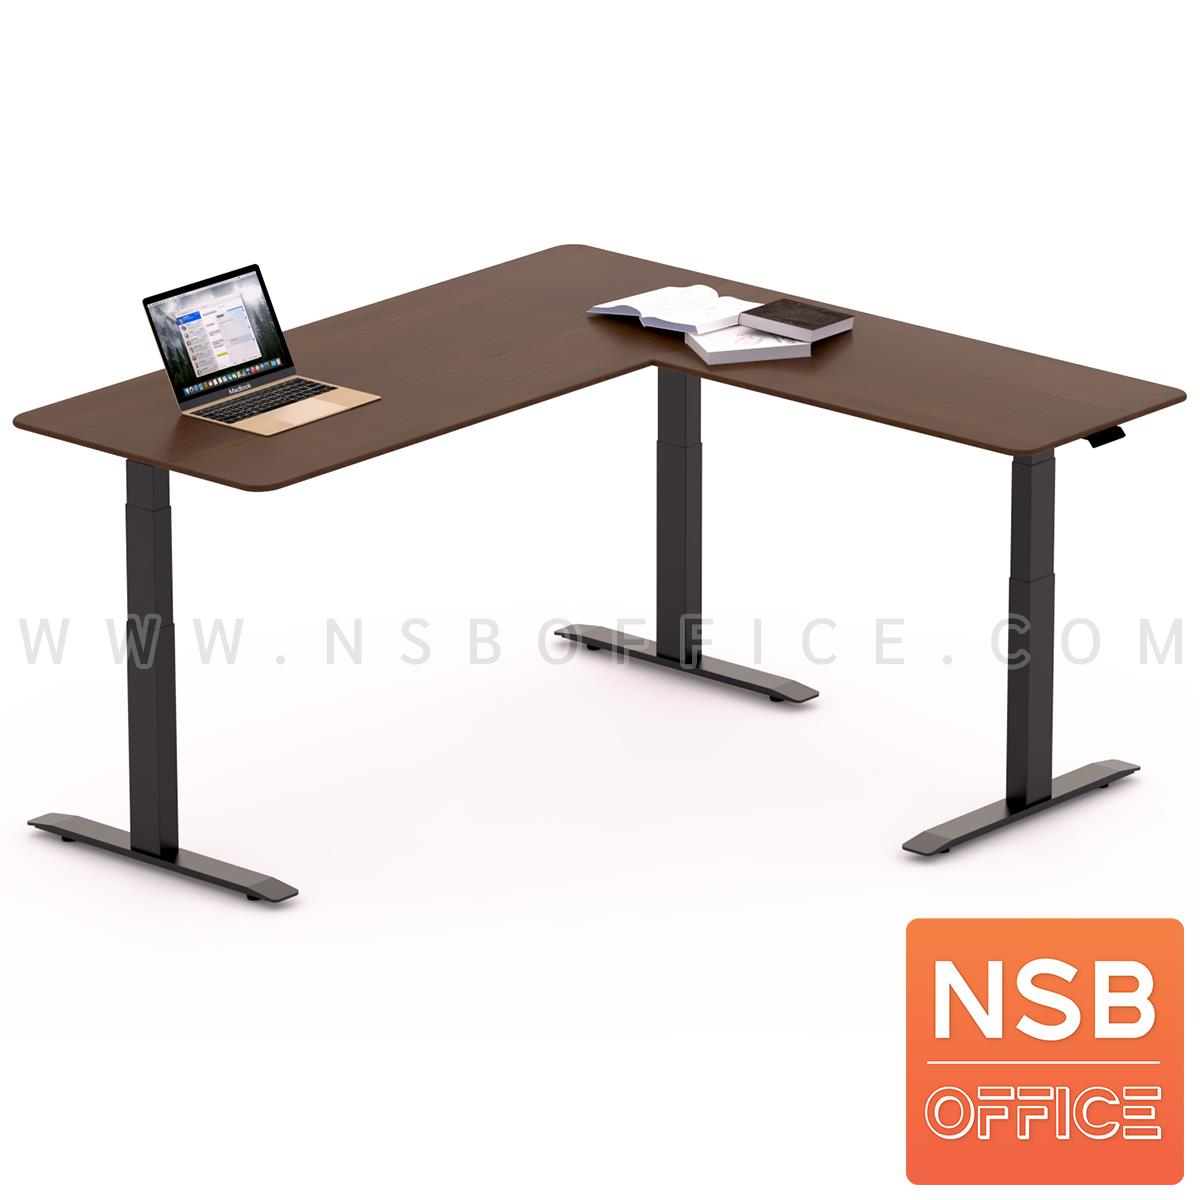 A44A006:โต๊ะทำงานปรับระดับ Sit 2 Stand ทรงตัวแอล รุ่น Civic 2 (ซีวิค 2) ขนาด 160W, 180W cm. หน้าท็อปไม้ยางพารา